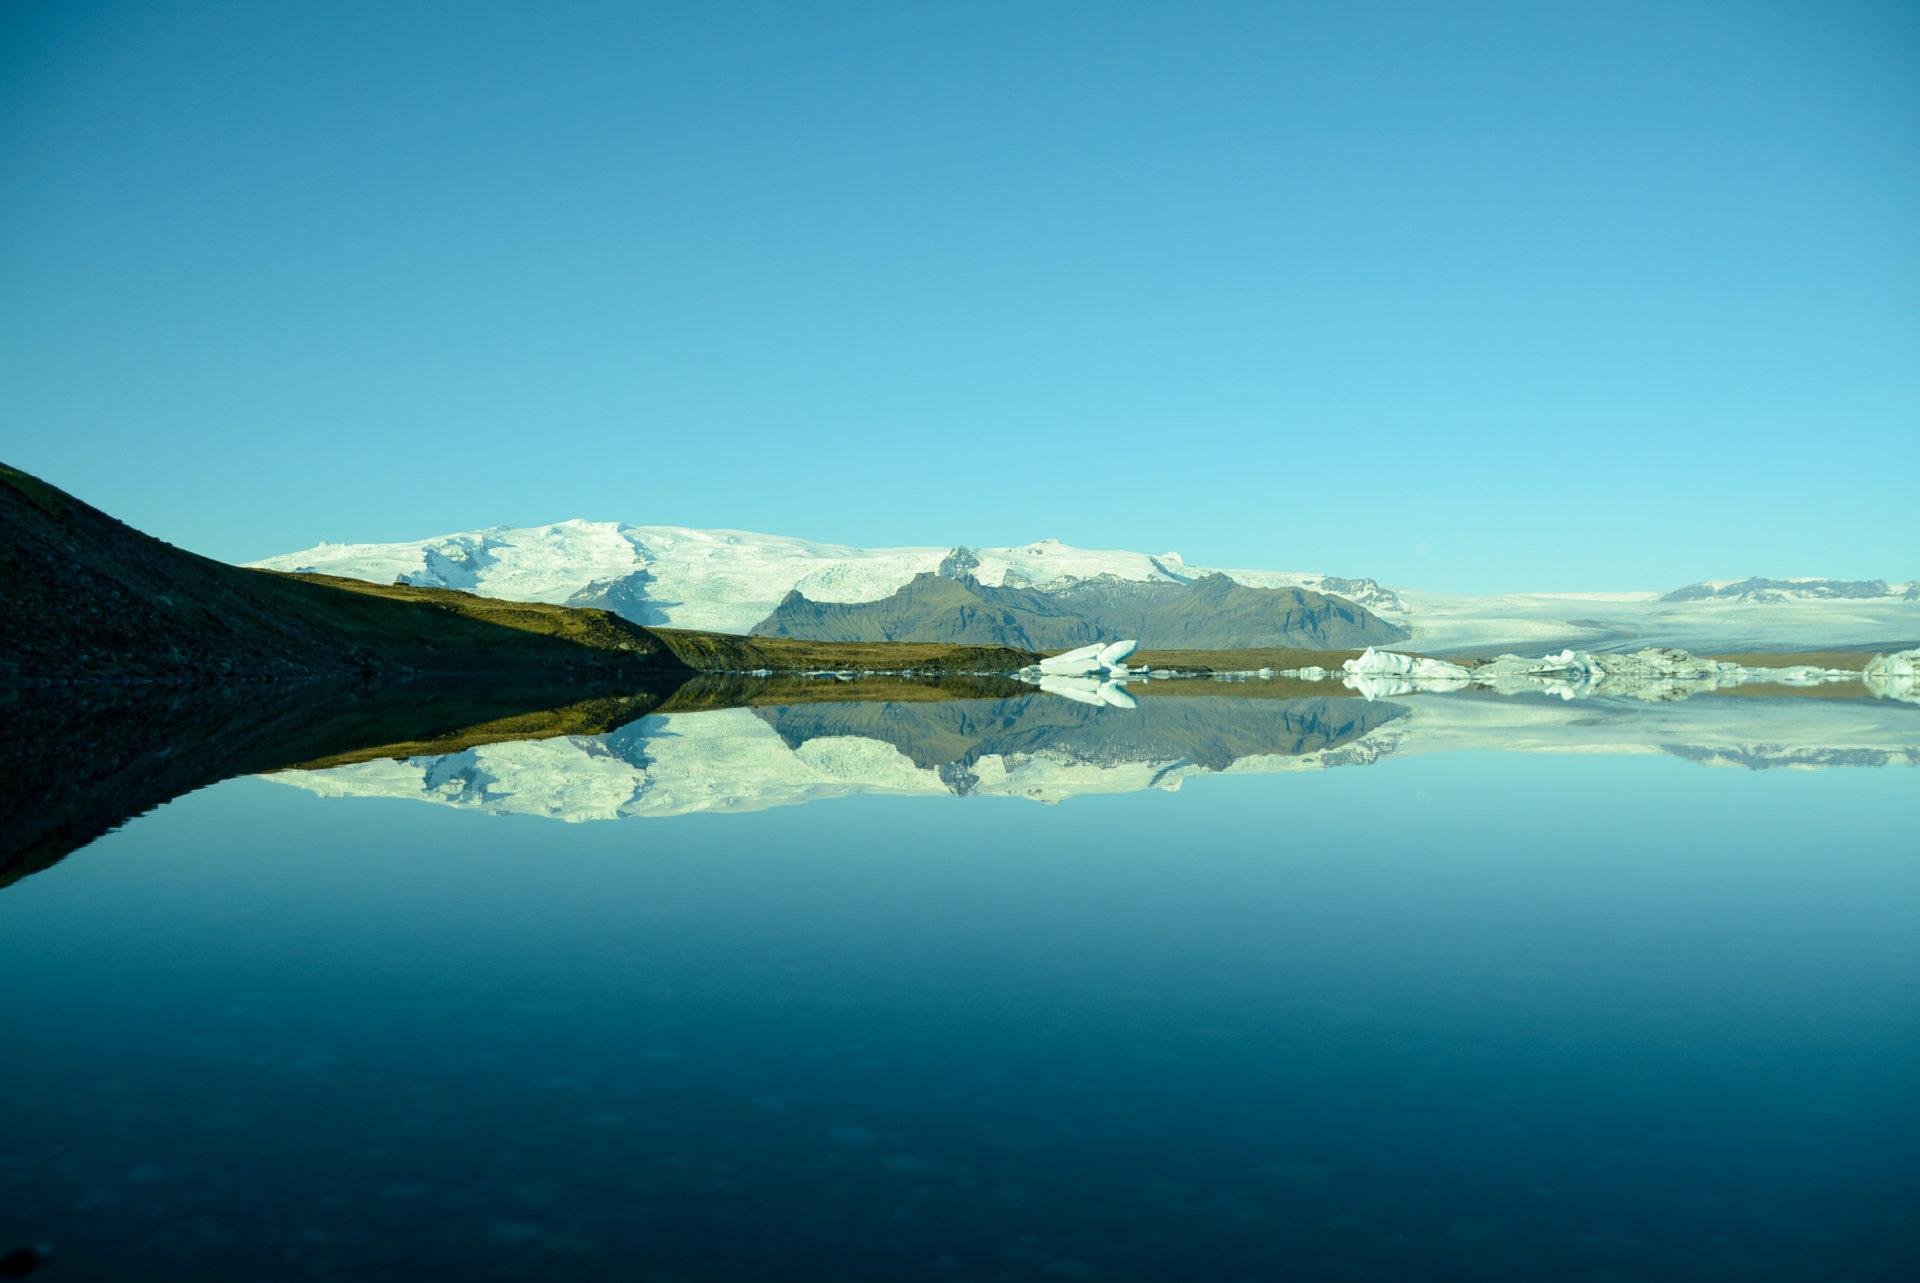 Berge in der spiegelglatten Oberfläche des Jökulsárlón an der Ringstraße in Island